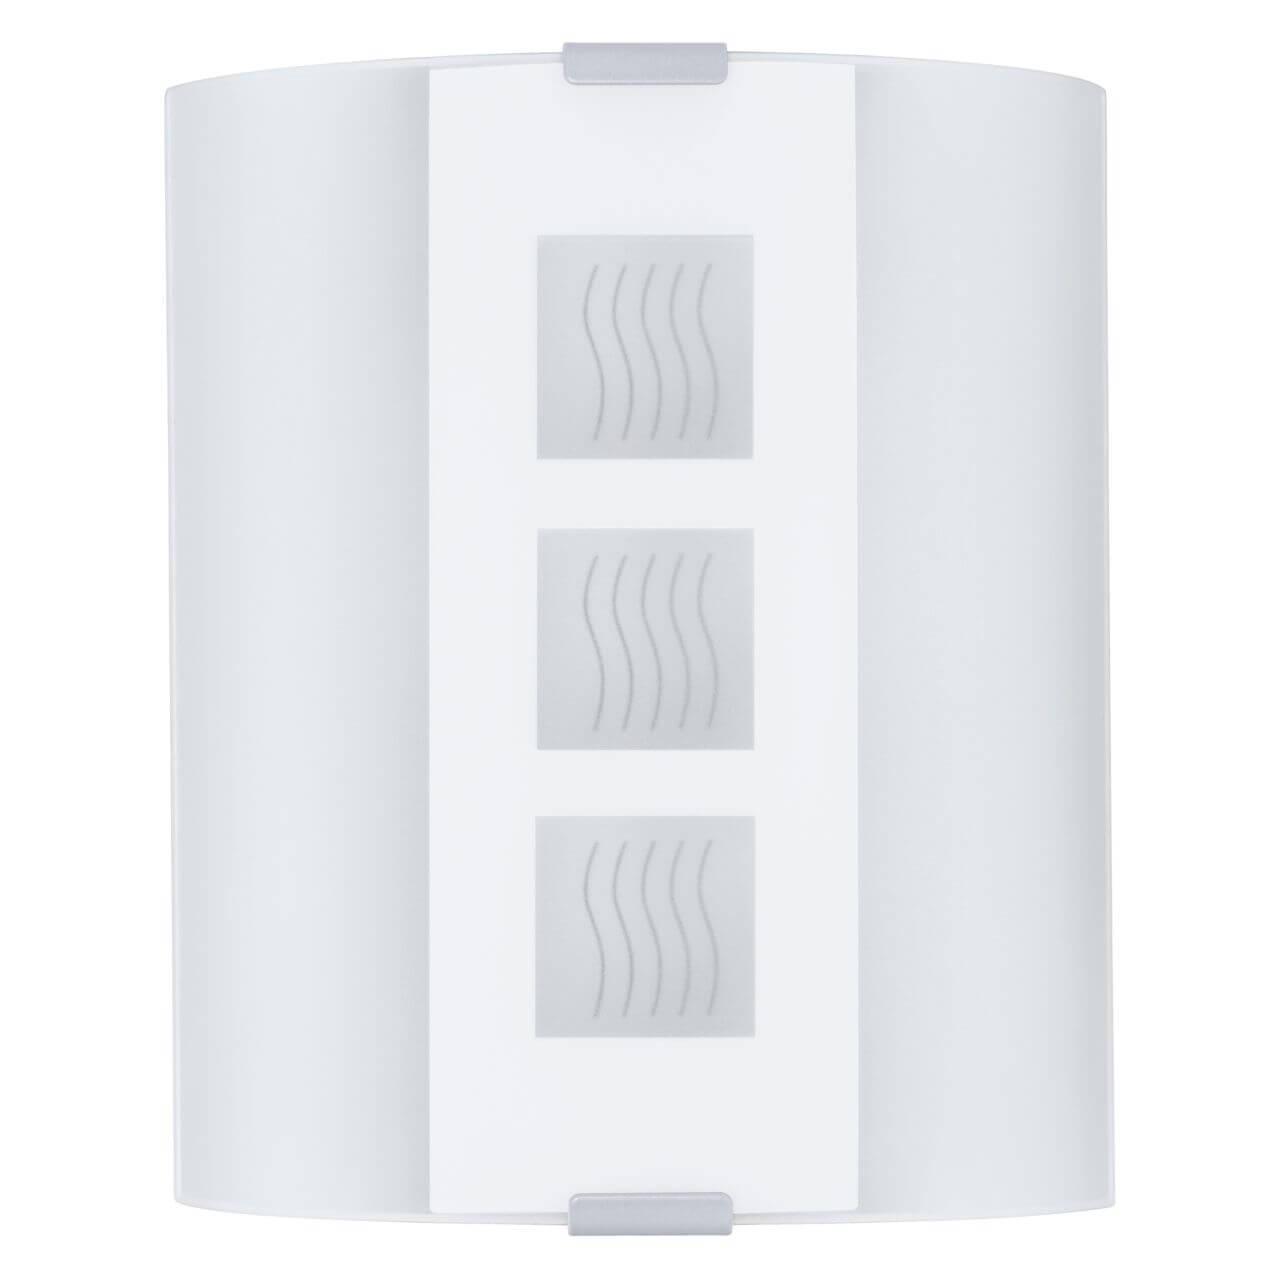 Настенно-потолочный светильник Eglo 83134, E27, 60 Вт eglo накладной светильник grafik 83132